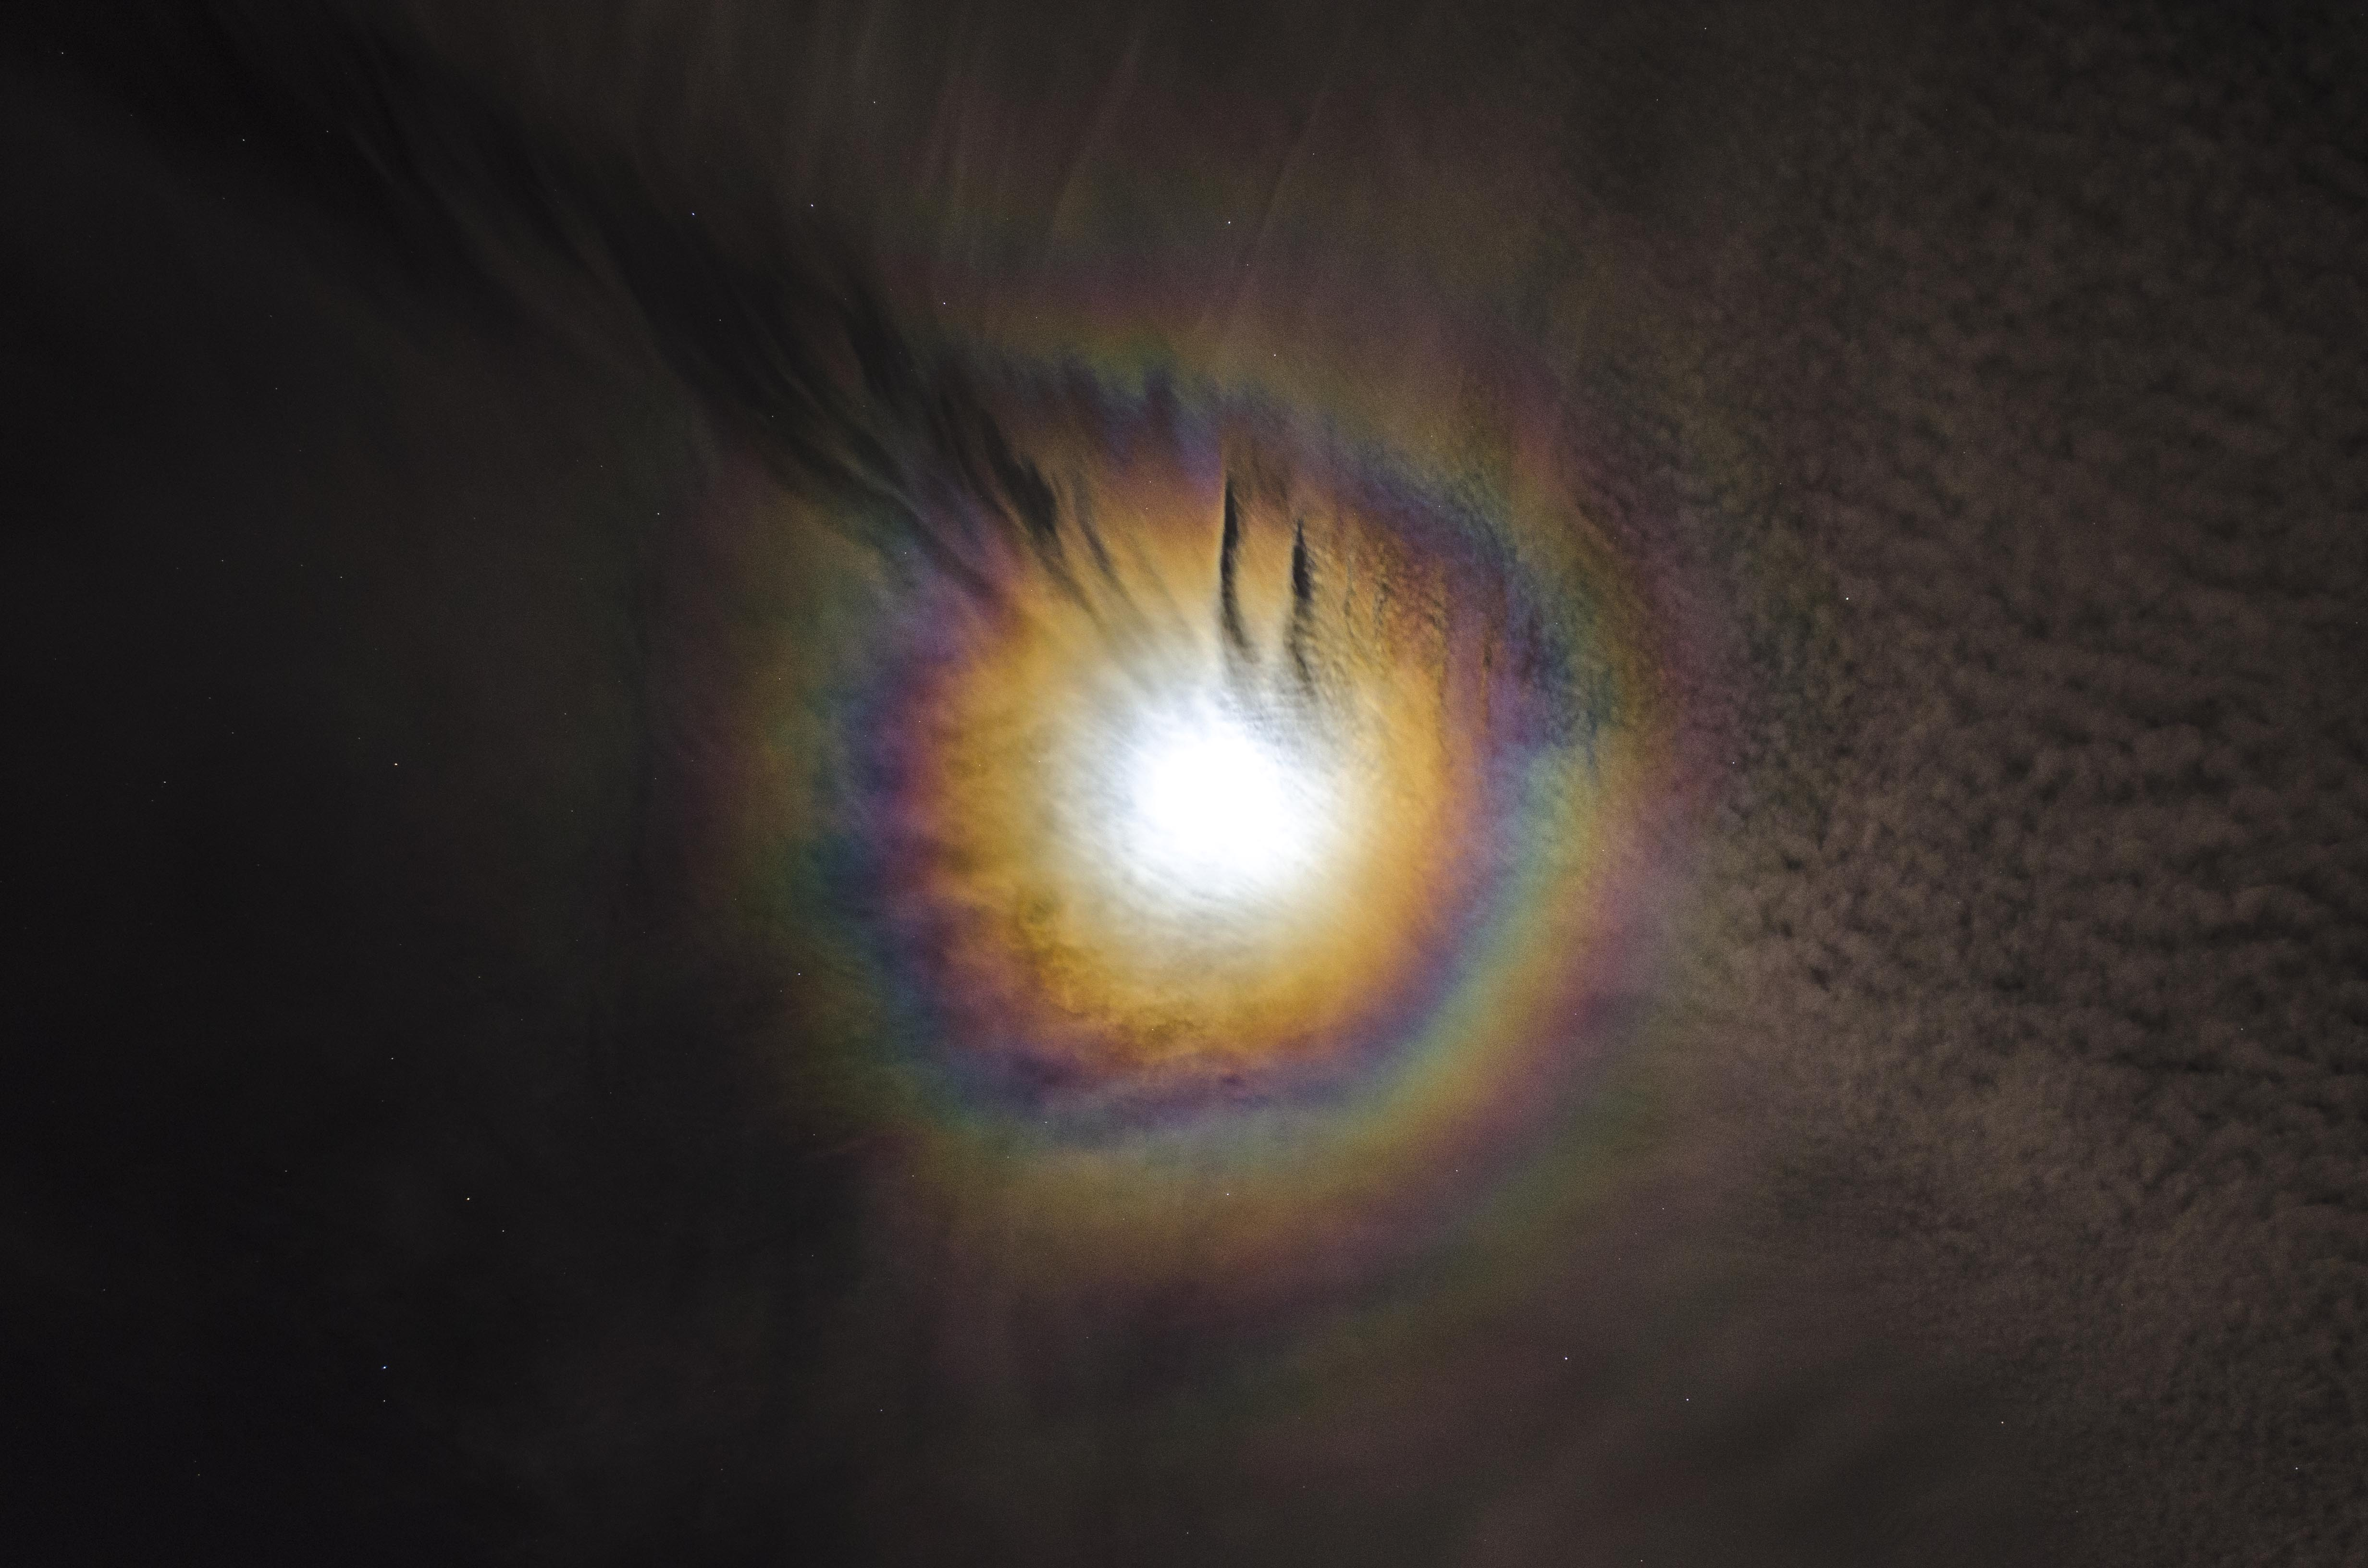 Lunar halo